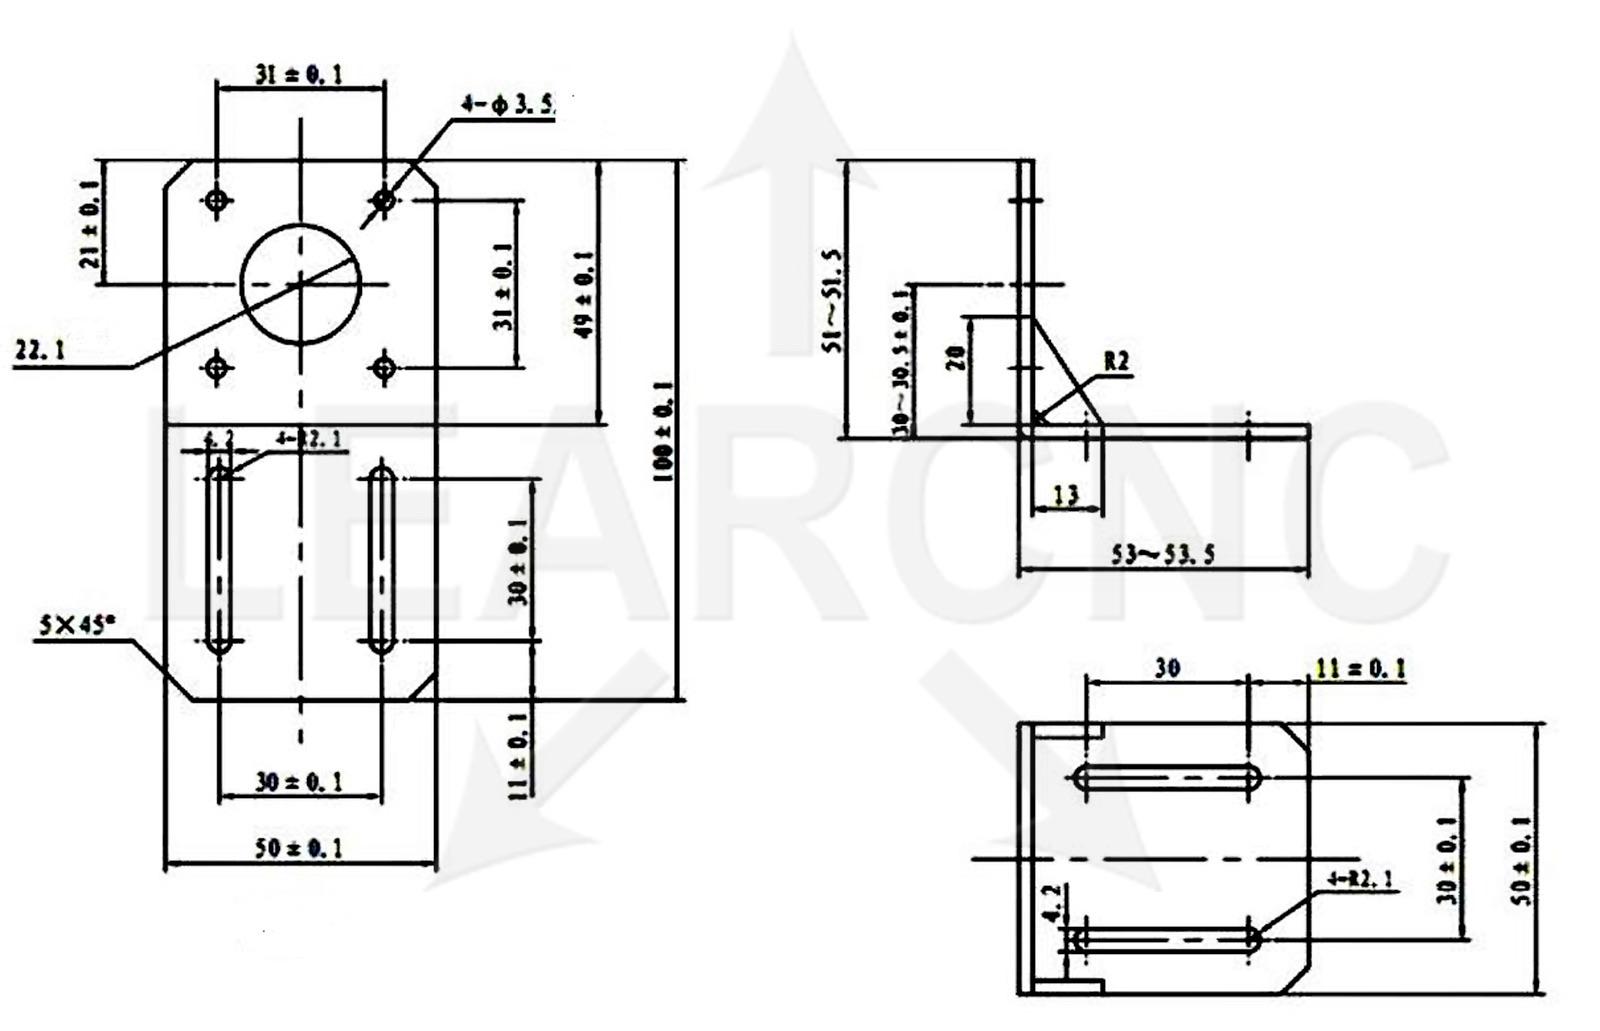 Nema 34 Motor Wiring, Nema, Get Free Image About Wiring